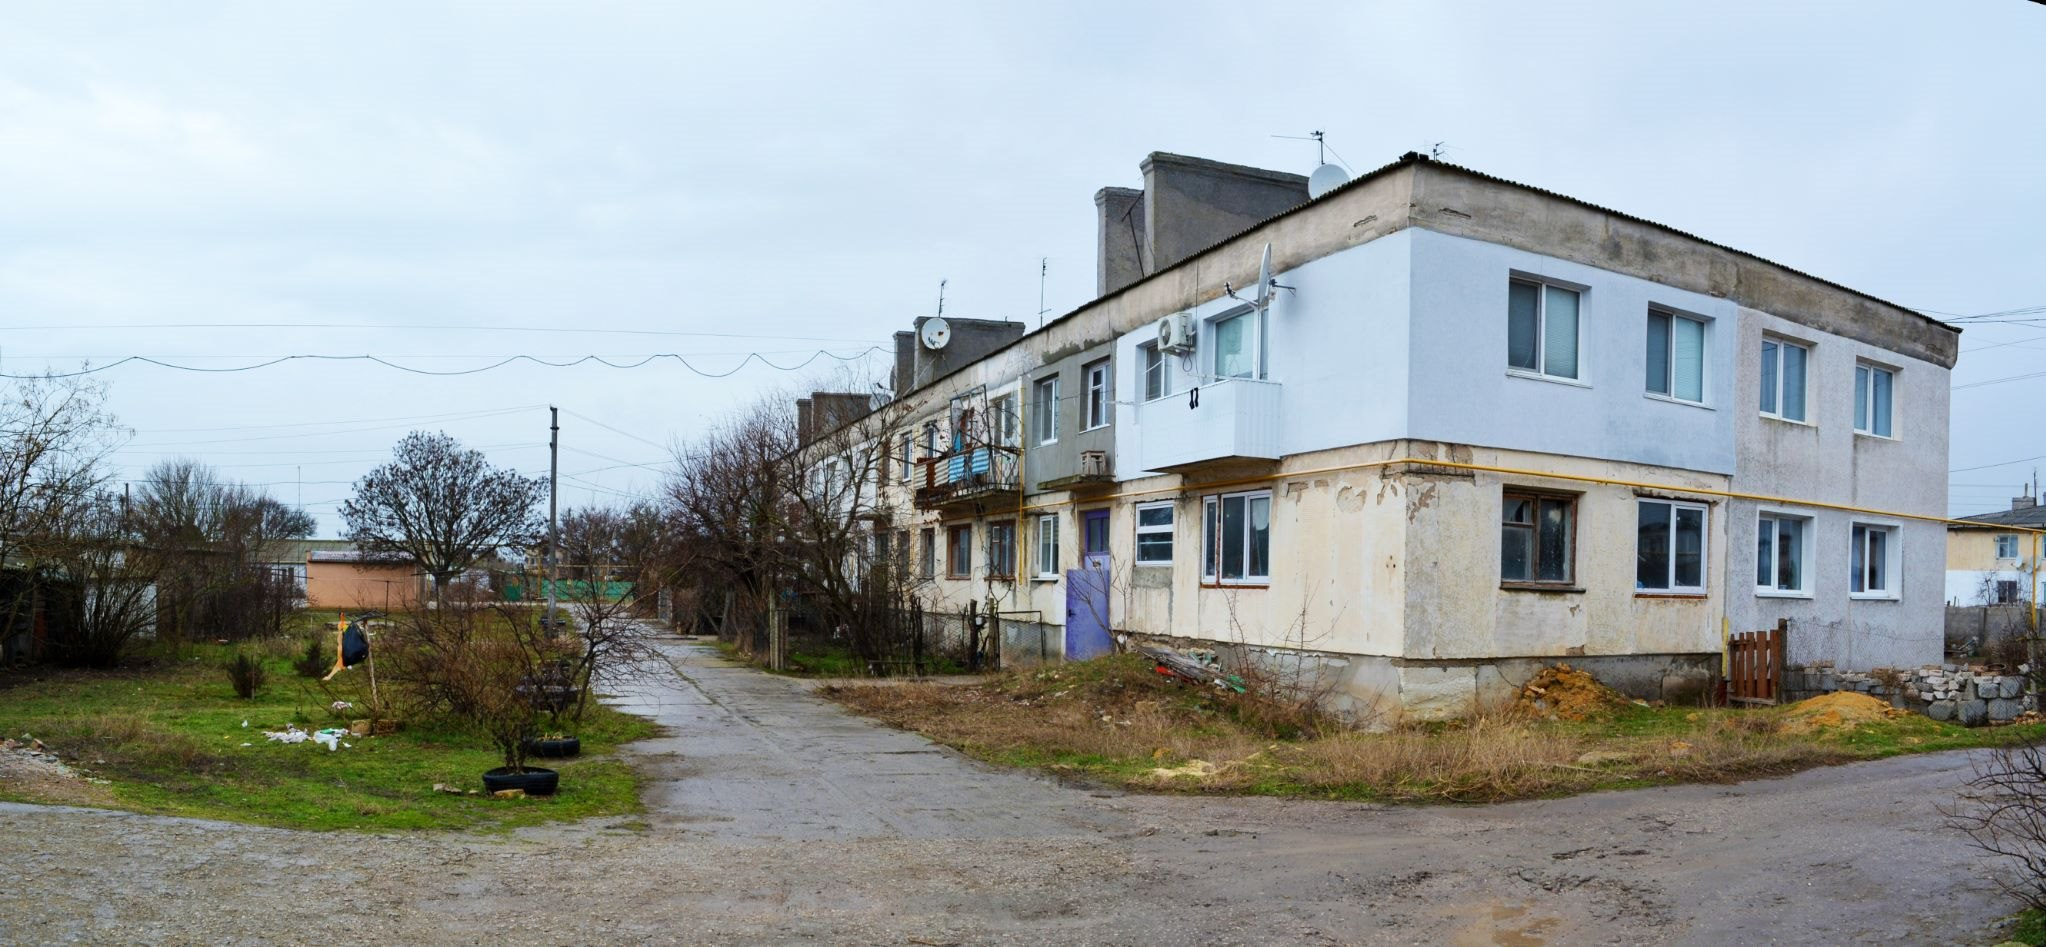 Продажа квартир: 1-комнатная квартира, республика Крым, Сакский р-н, с. Молочное, Школьная ул., фото 1